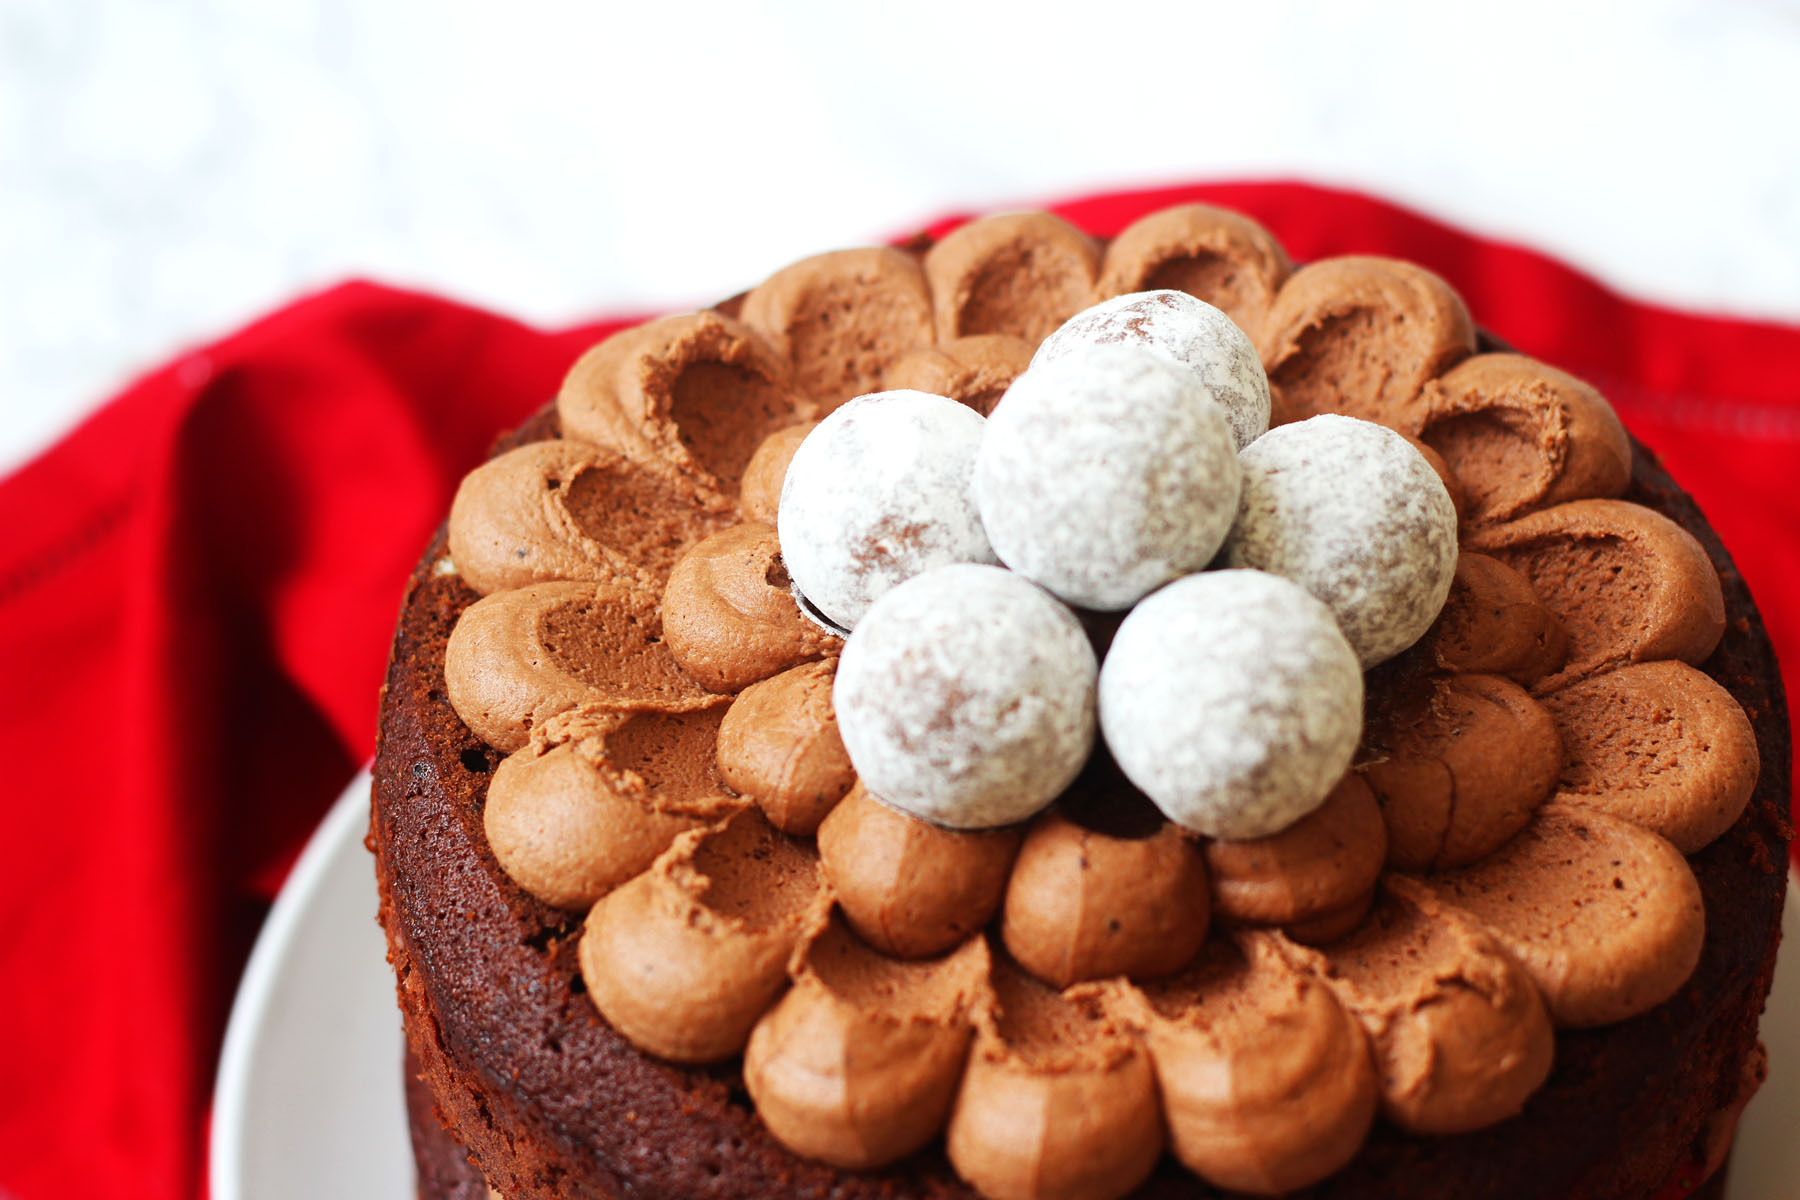 Chocolate Prosecco Cake